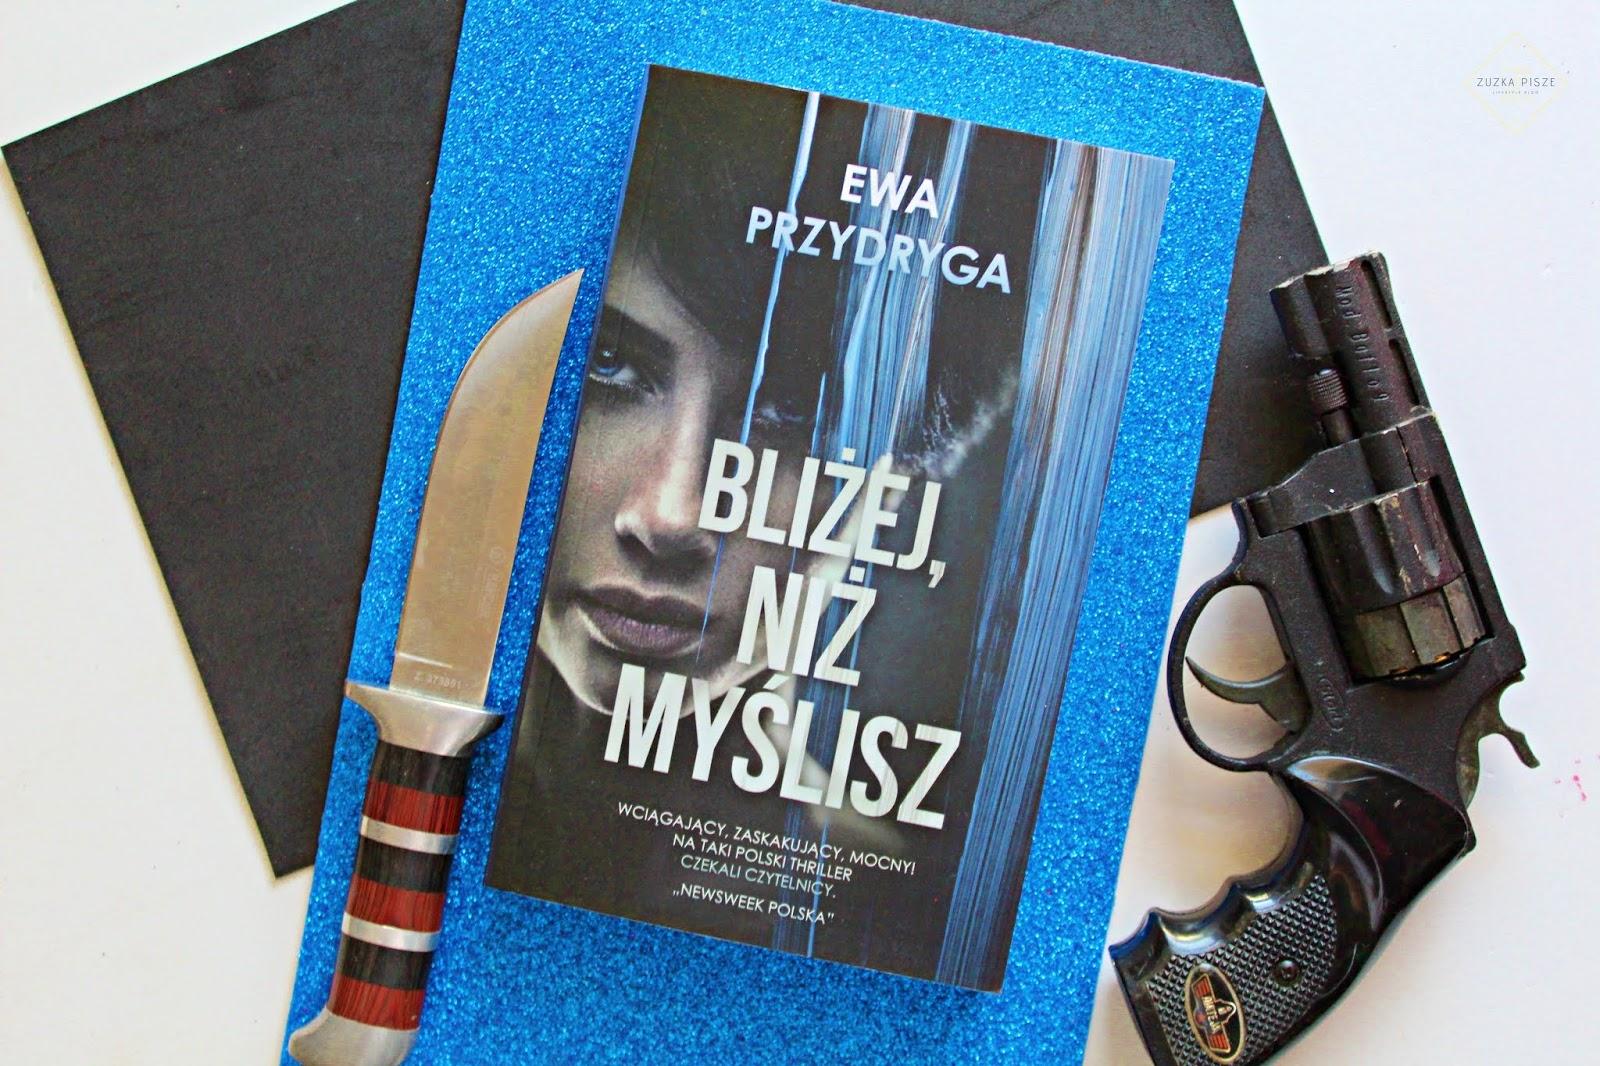 """Ewa Przydryga """"Bliżej niż myślisz"""" - recenzja"""